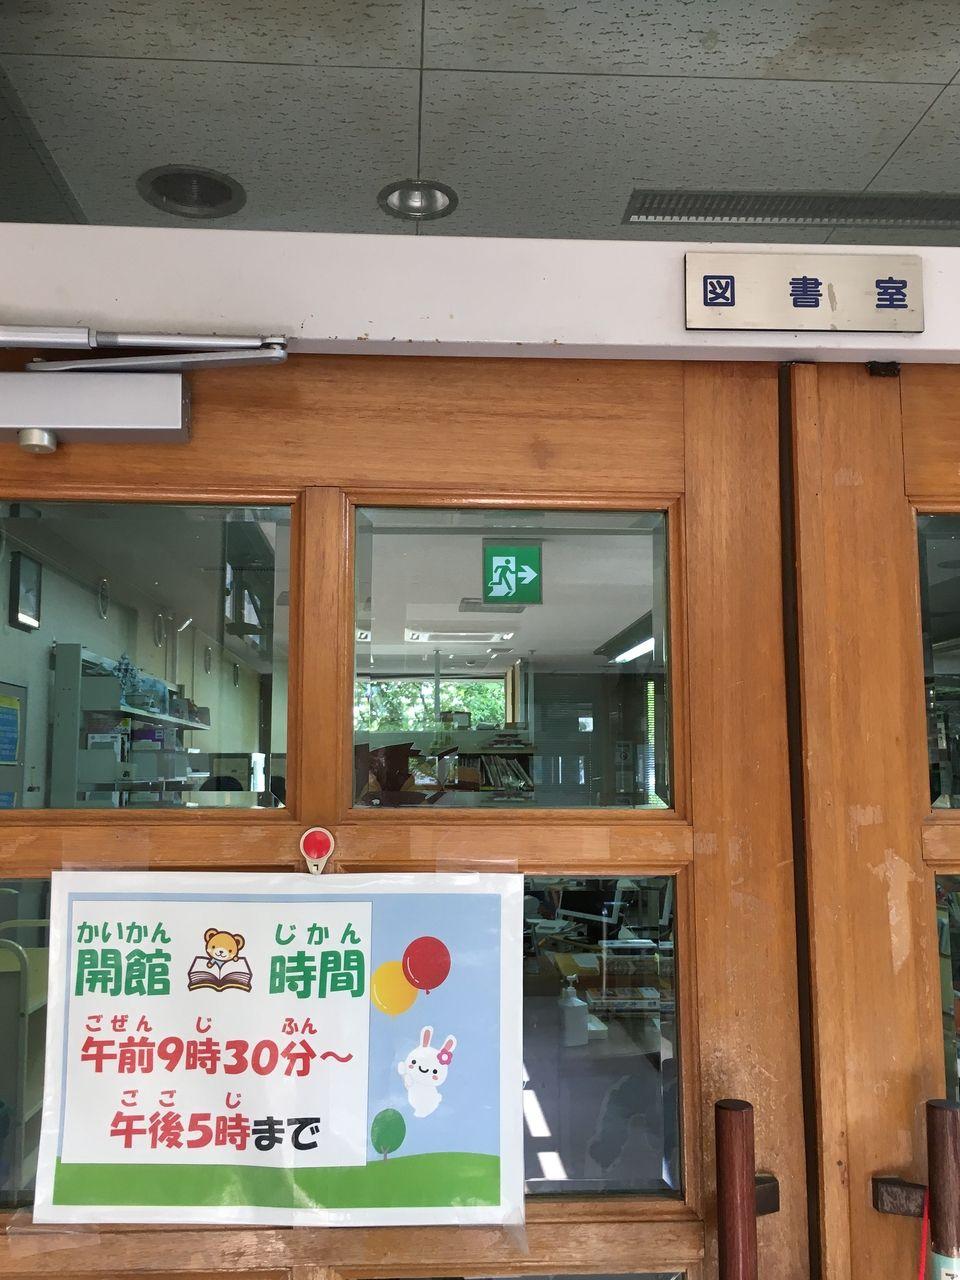 公民館内にある図書室の入口